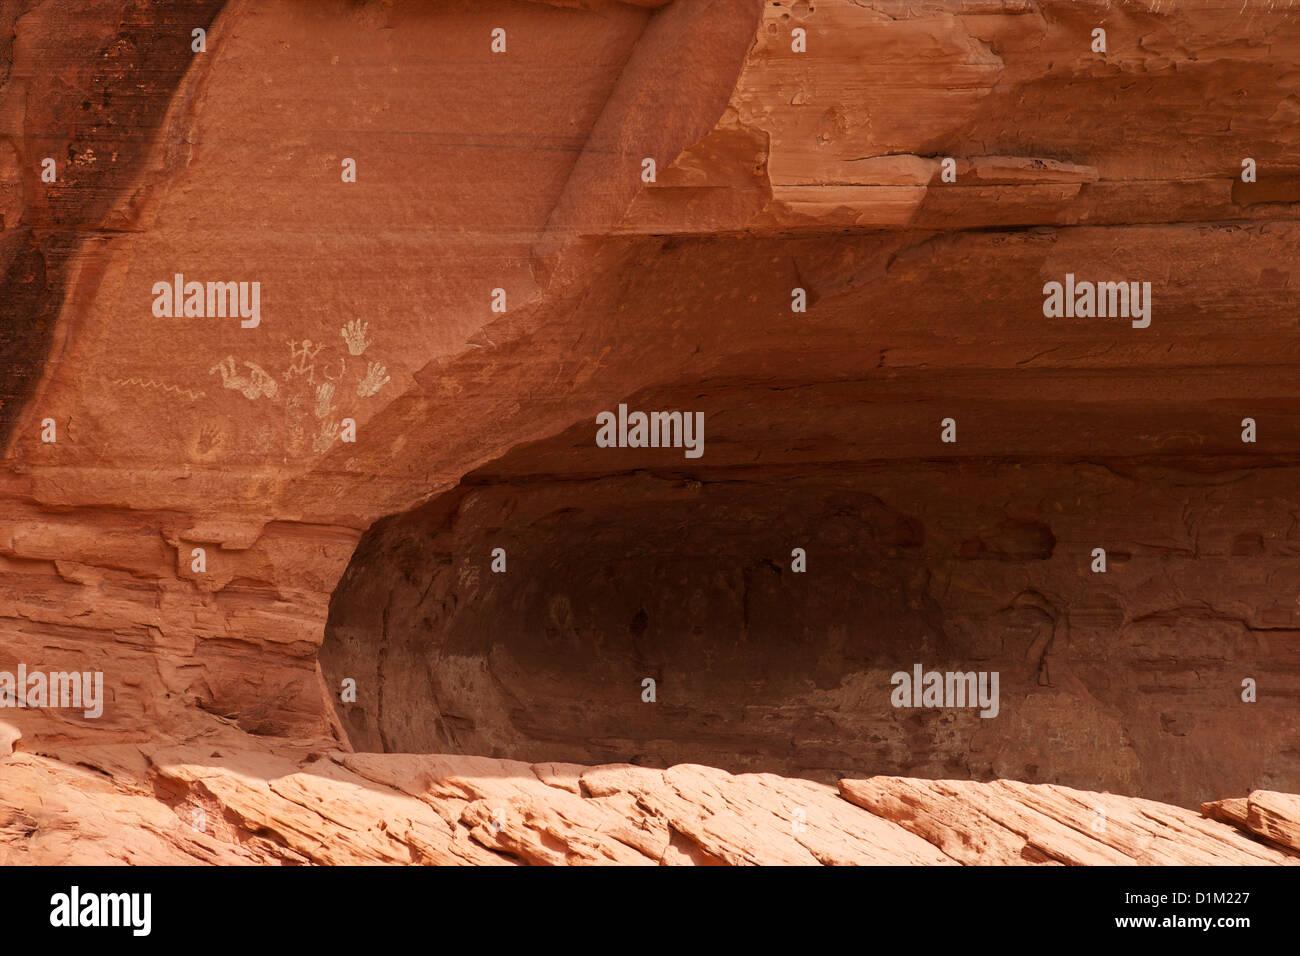 Native American pittogrammi forme a mano sulle pareti di pietra arenaria Chinle Canyon di lavaggio, Canyon De Chelly Foto Stock